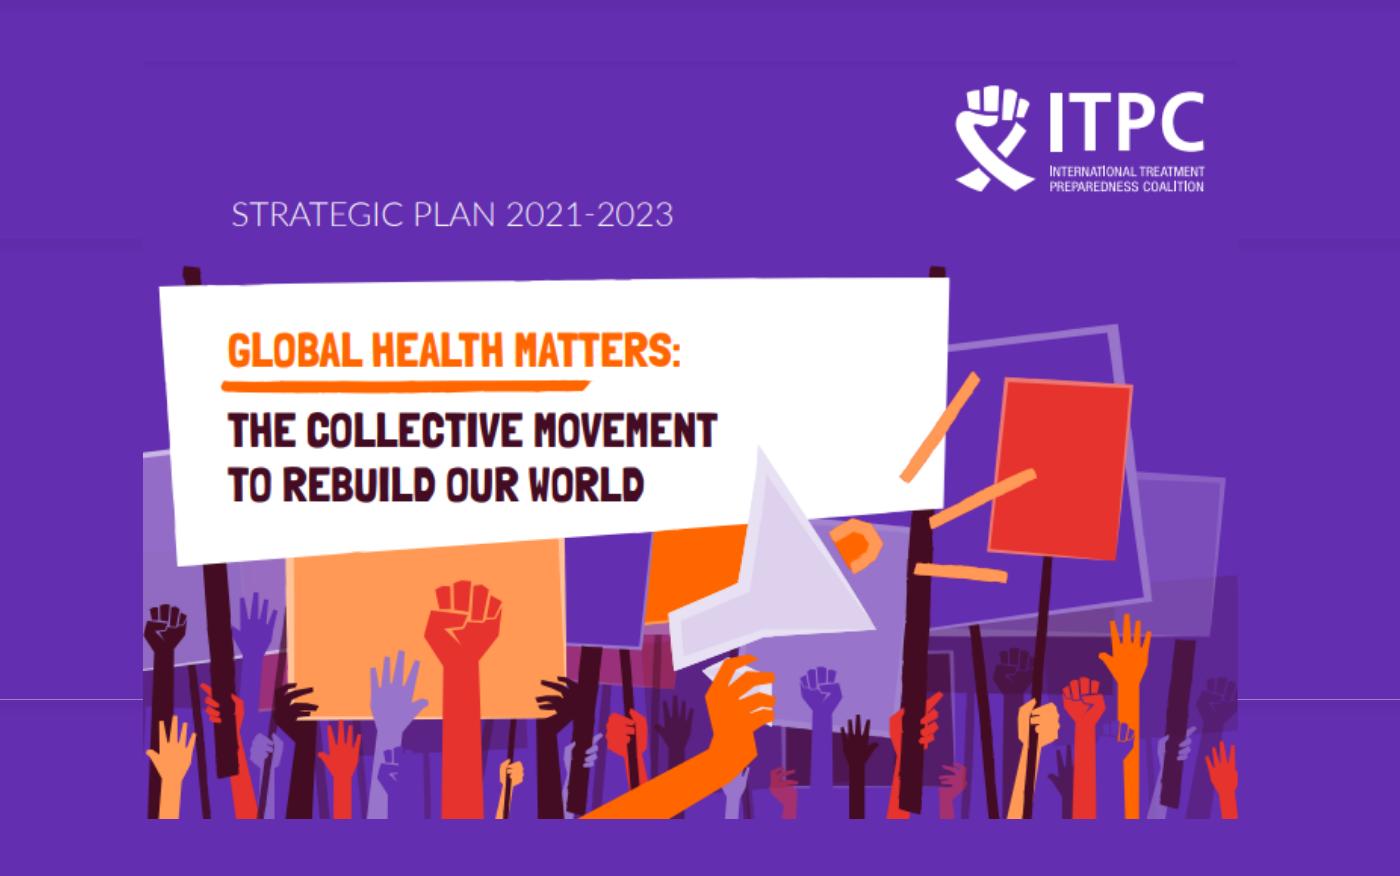 2021 to 2023 ITPC Global Strat Plan